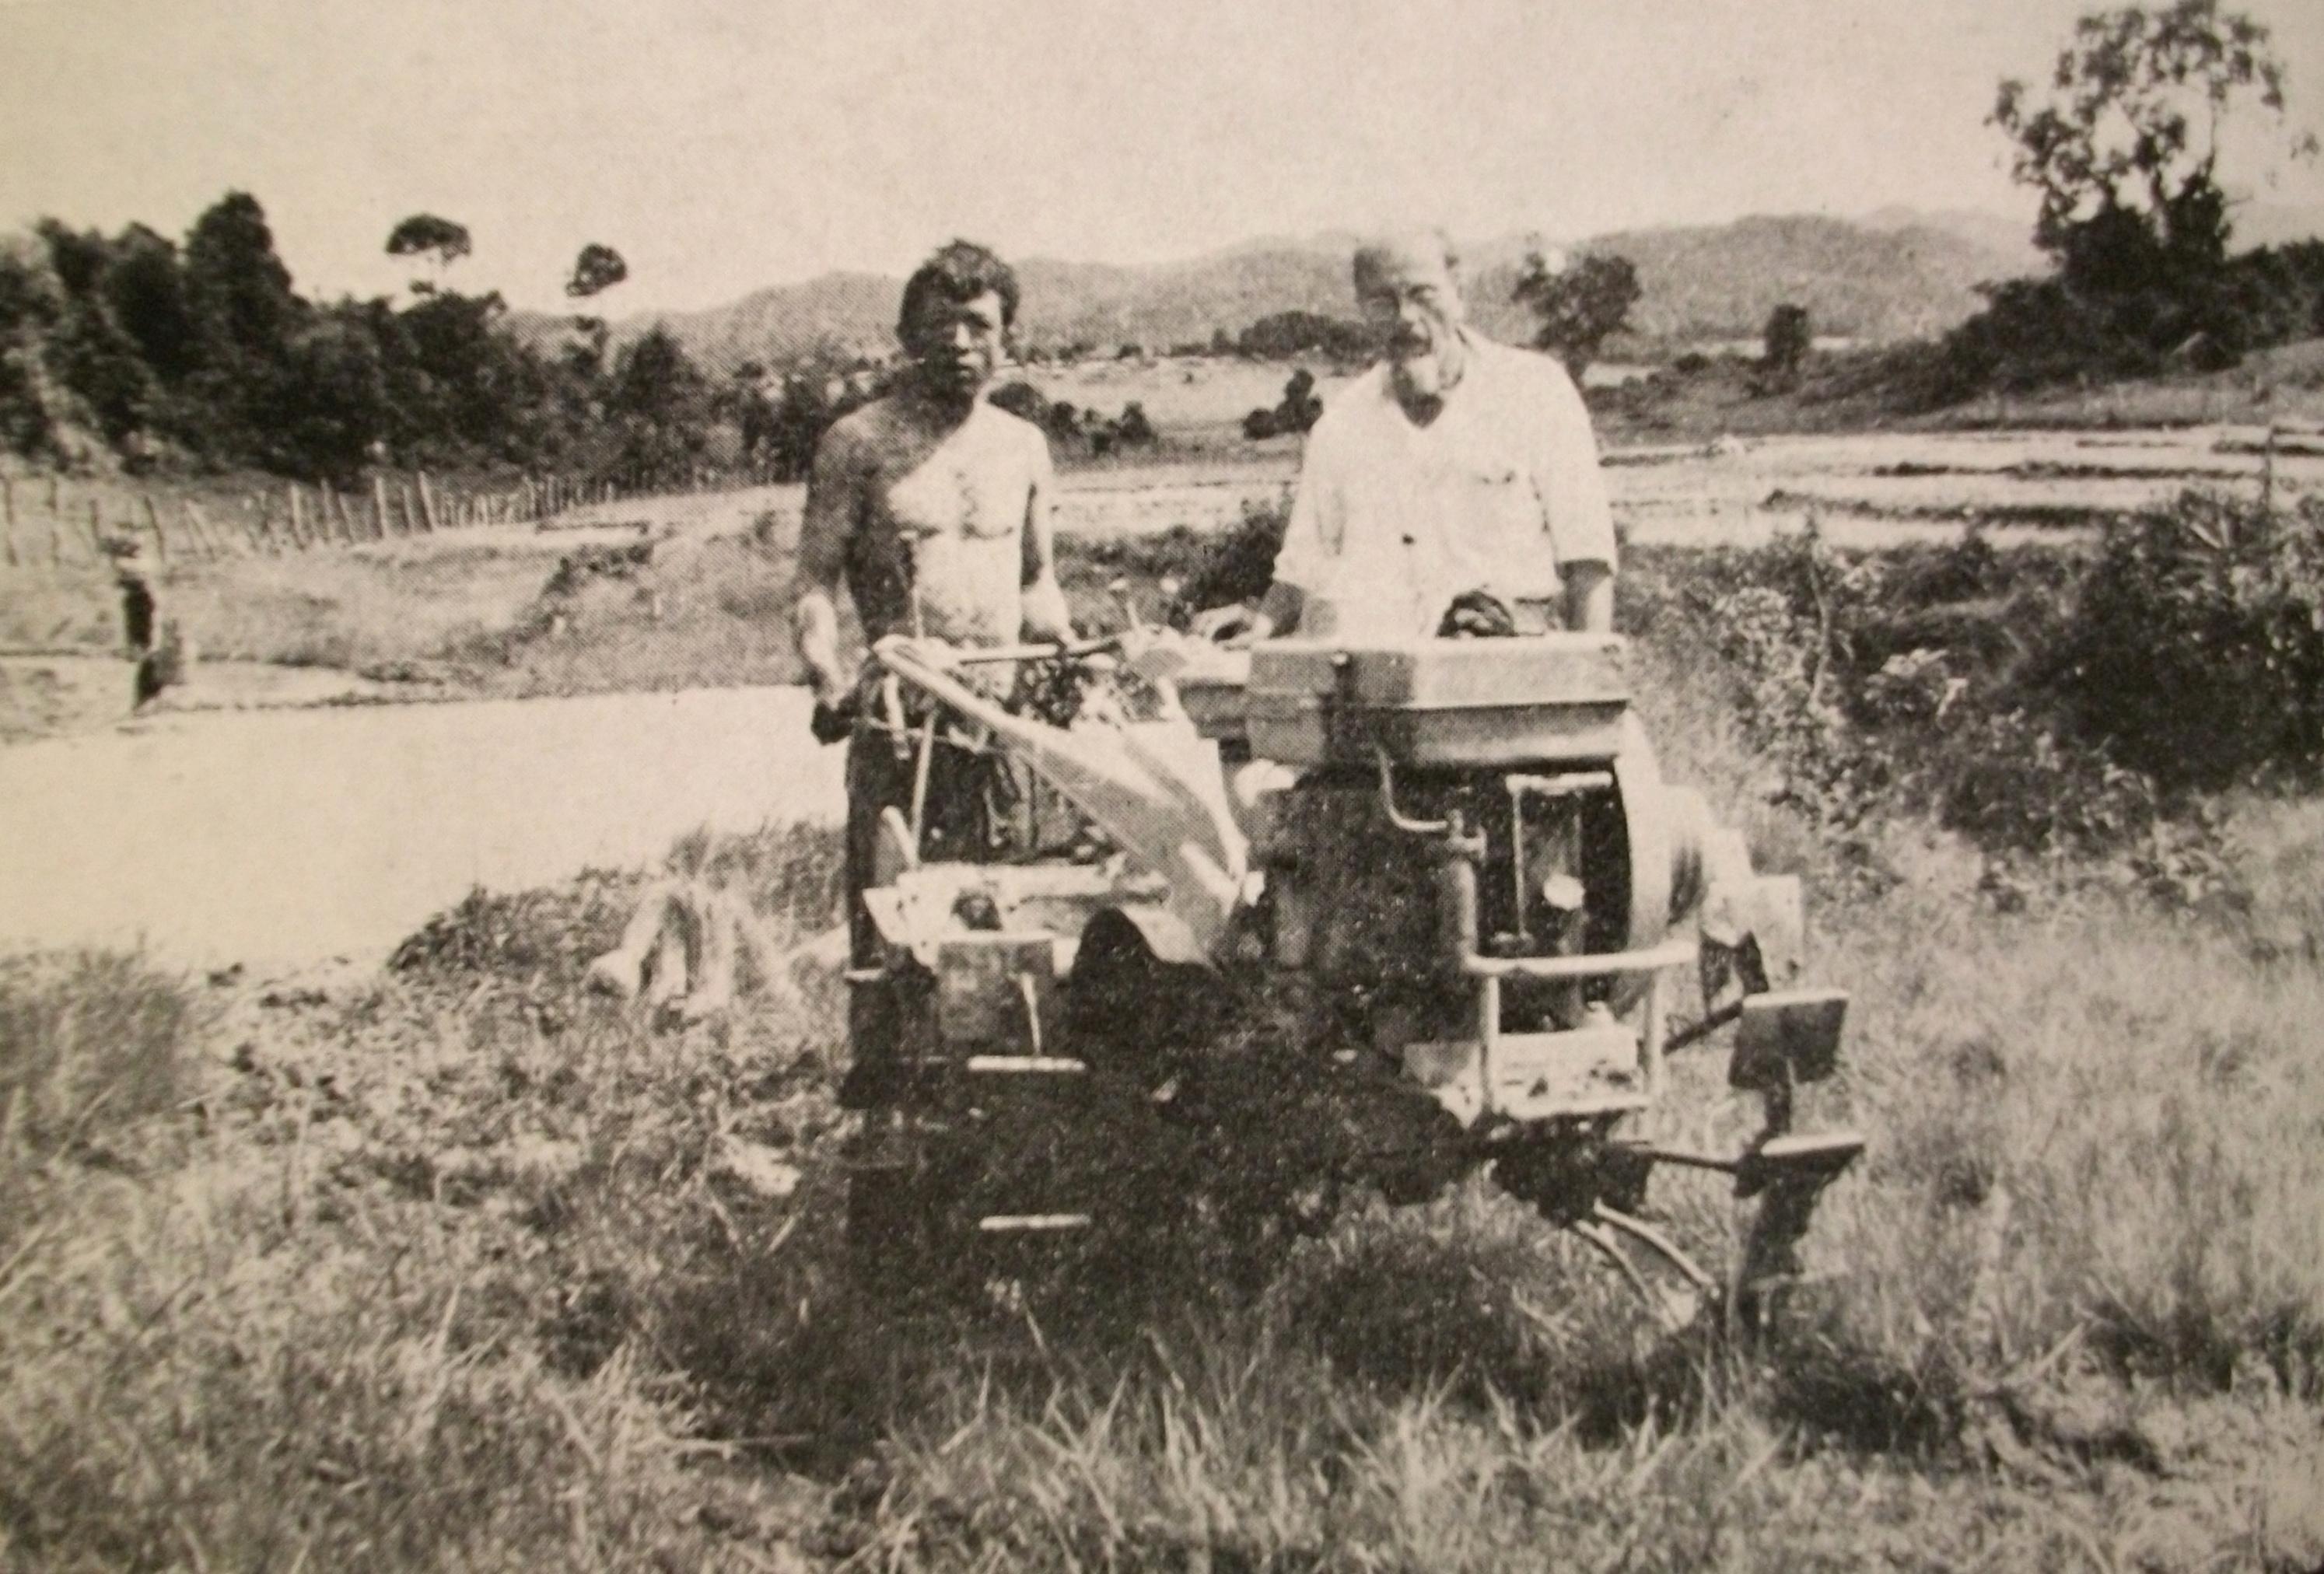 Lebbrosi di Birmania: la missione di Rocco Perego